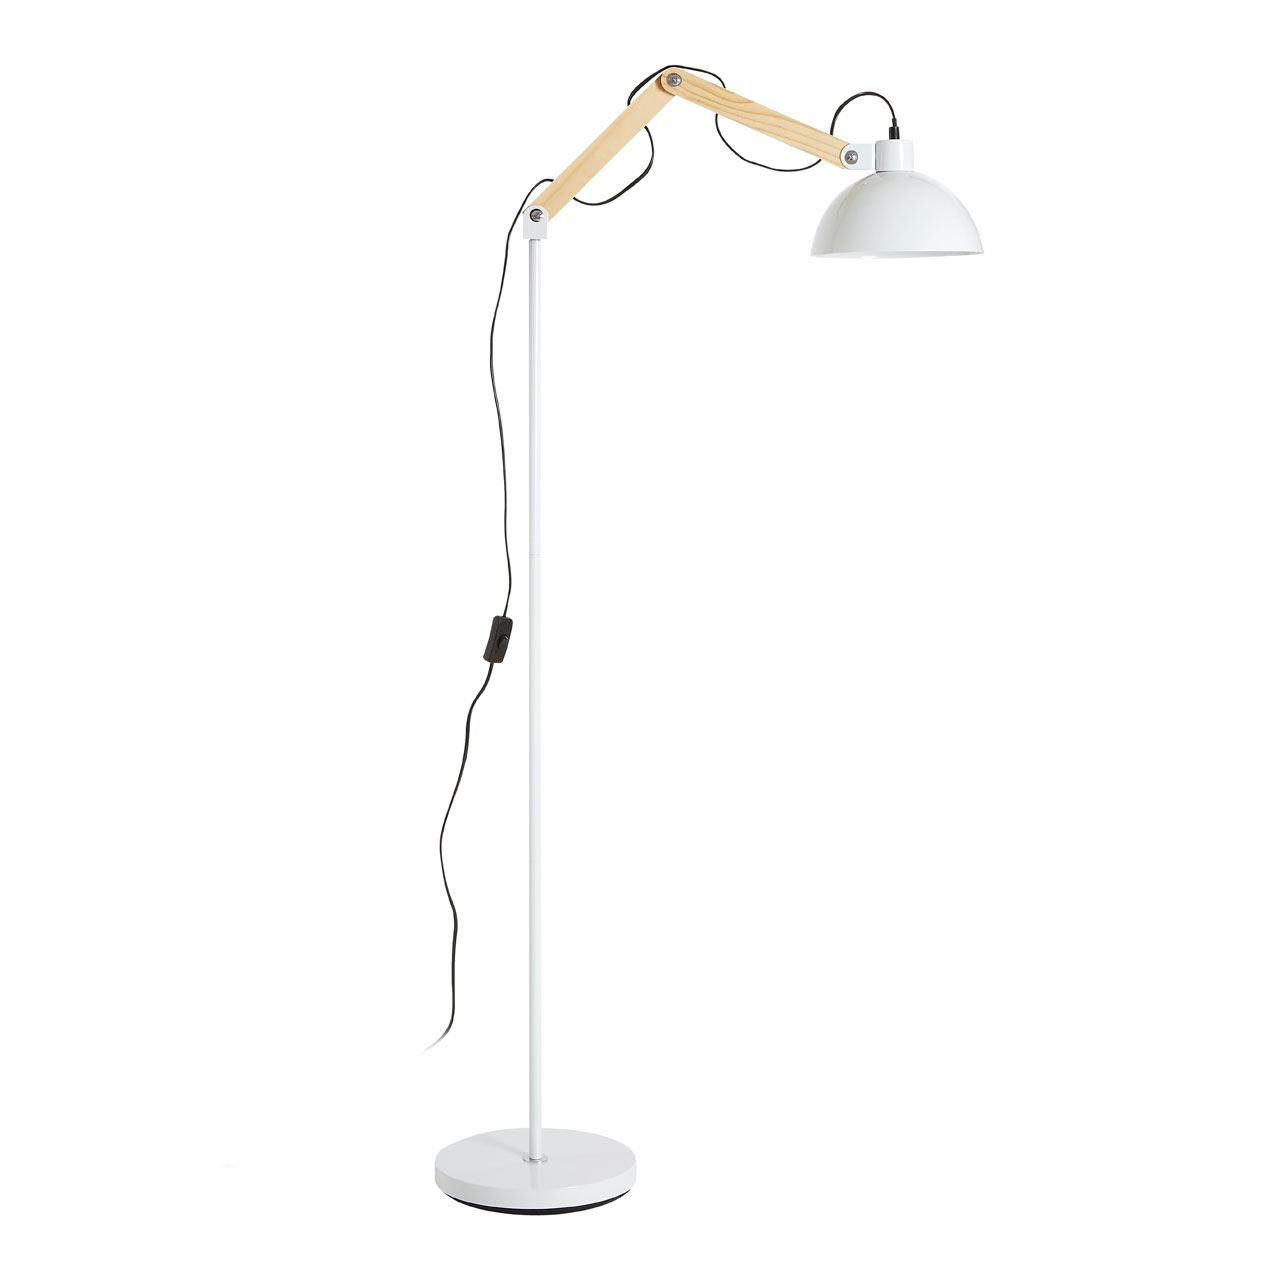 Blair Floor Lamp, Wood / Metal, White